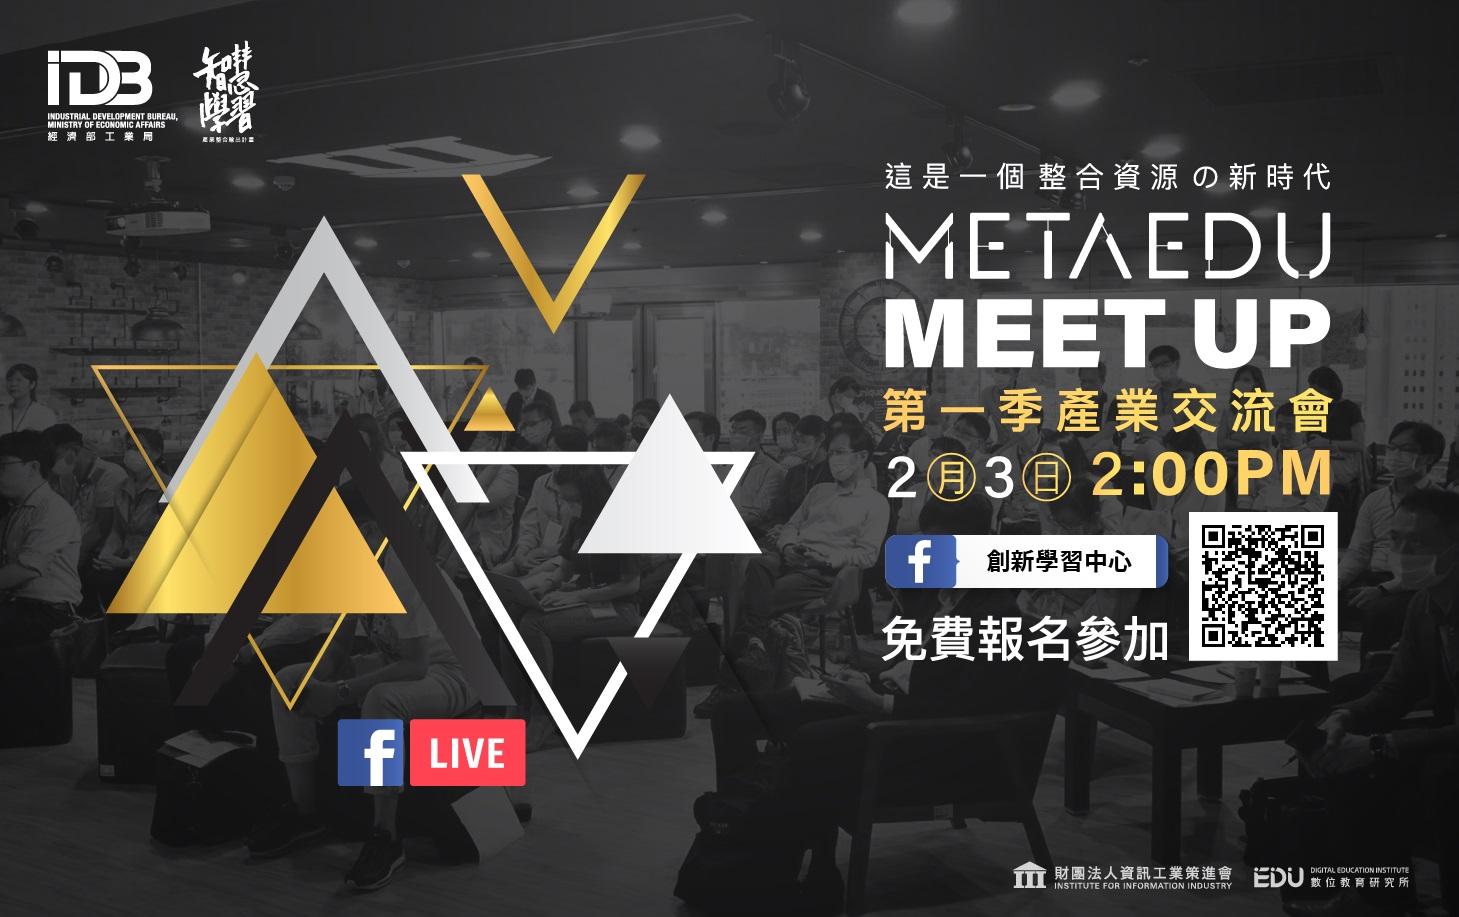 METAEDU MEET UP 第一季產業交流會 (活動改為線上直播)